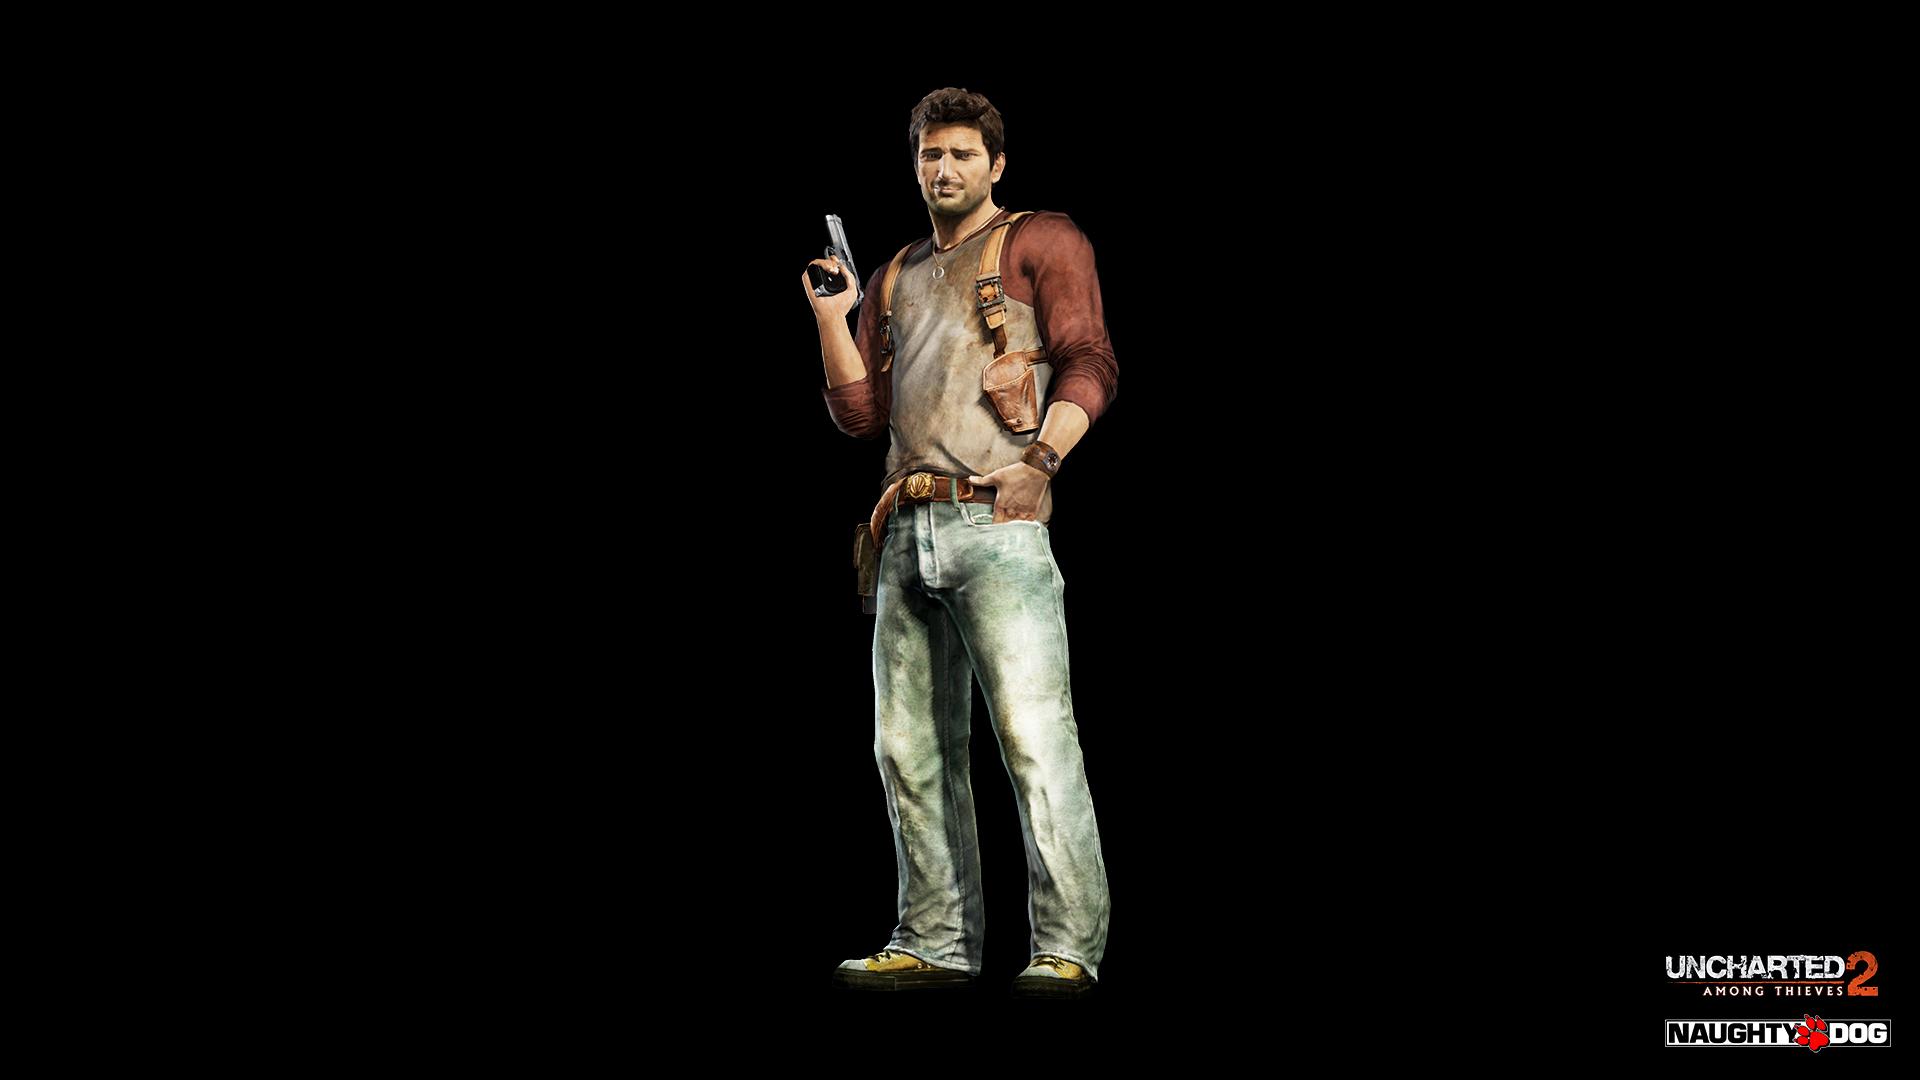 Uncharted 2 recibe una nueva expansión para el modo multijugador.